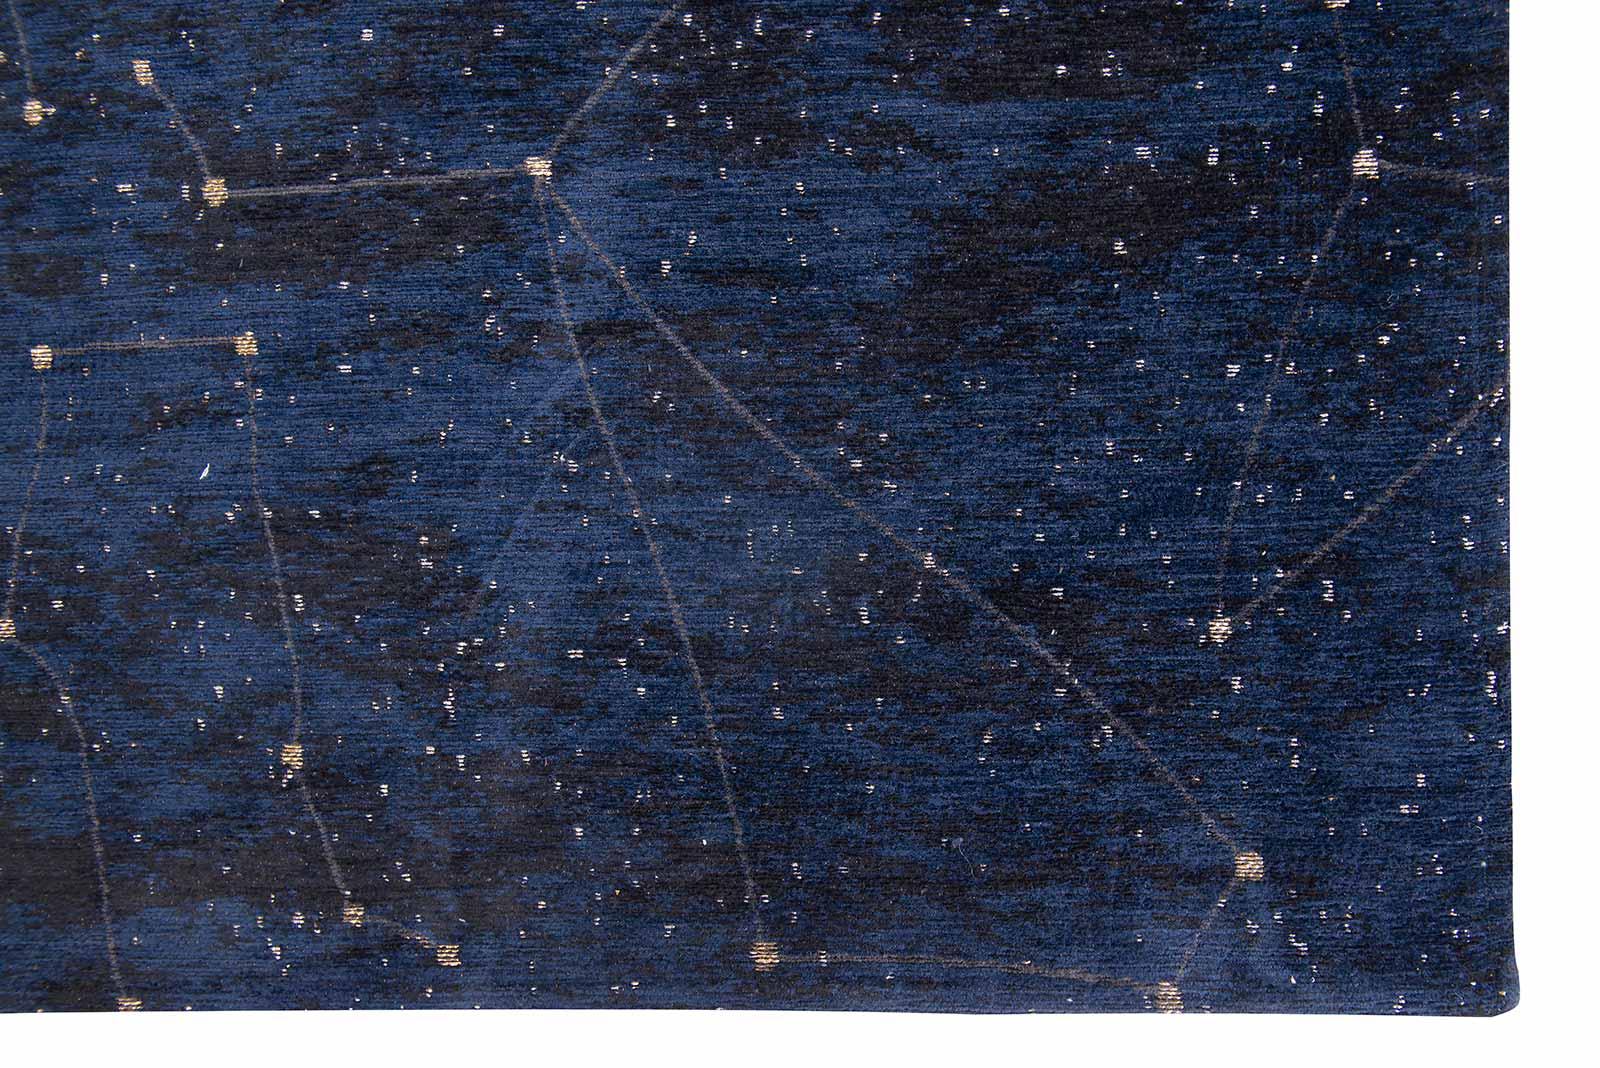 Louis De Poortere vloerkleed Fischbacher 9060 Celestial Midnight Blue corner